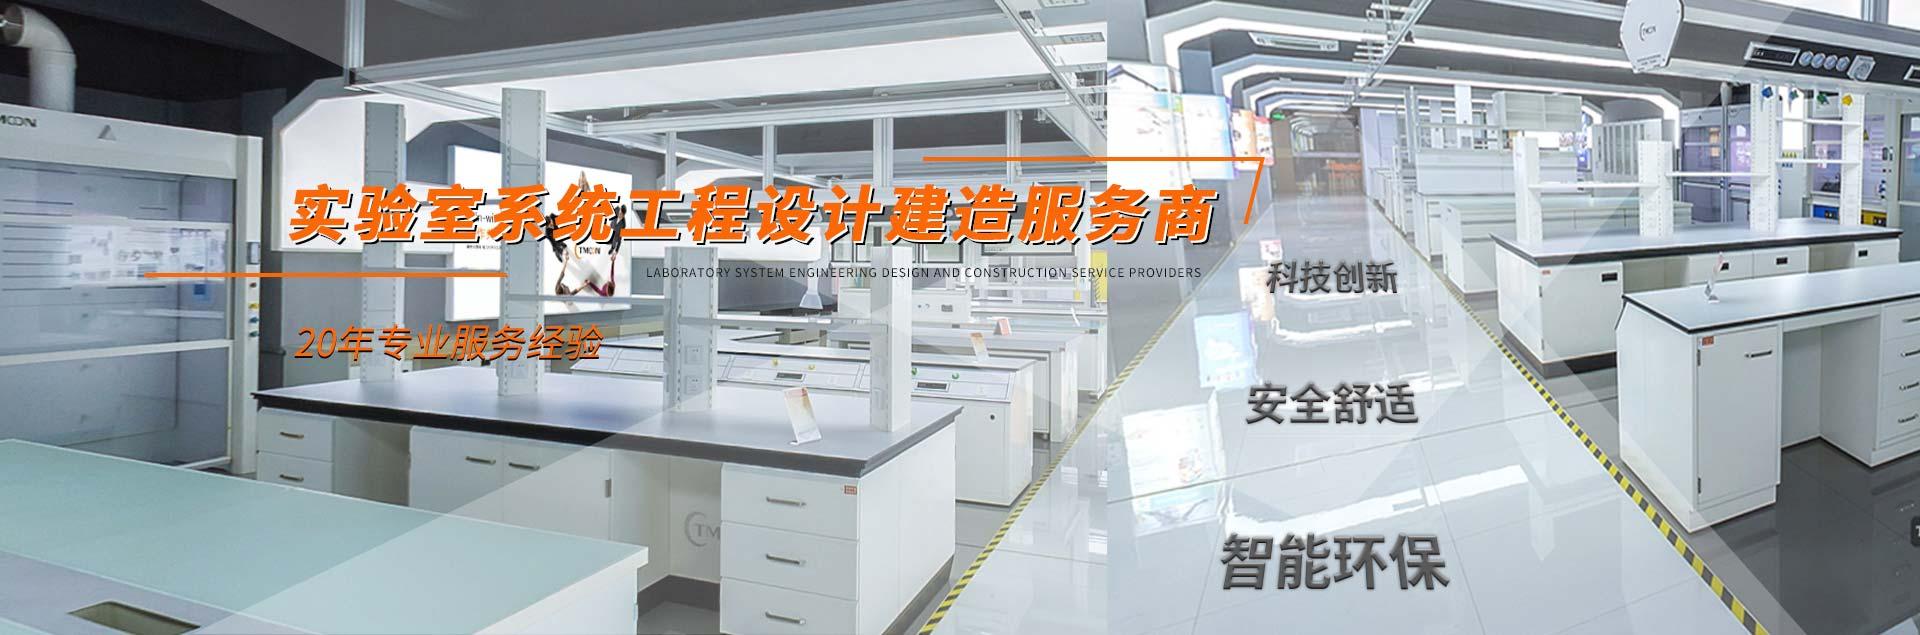 平博pinnacle系统工程设计建造服务商